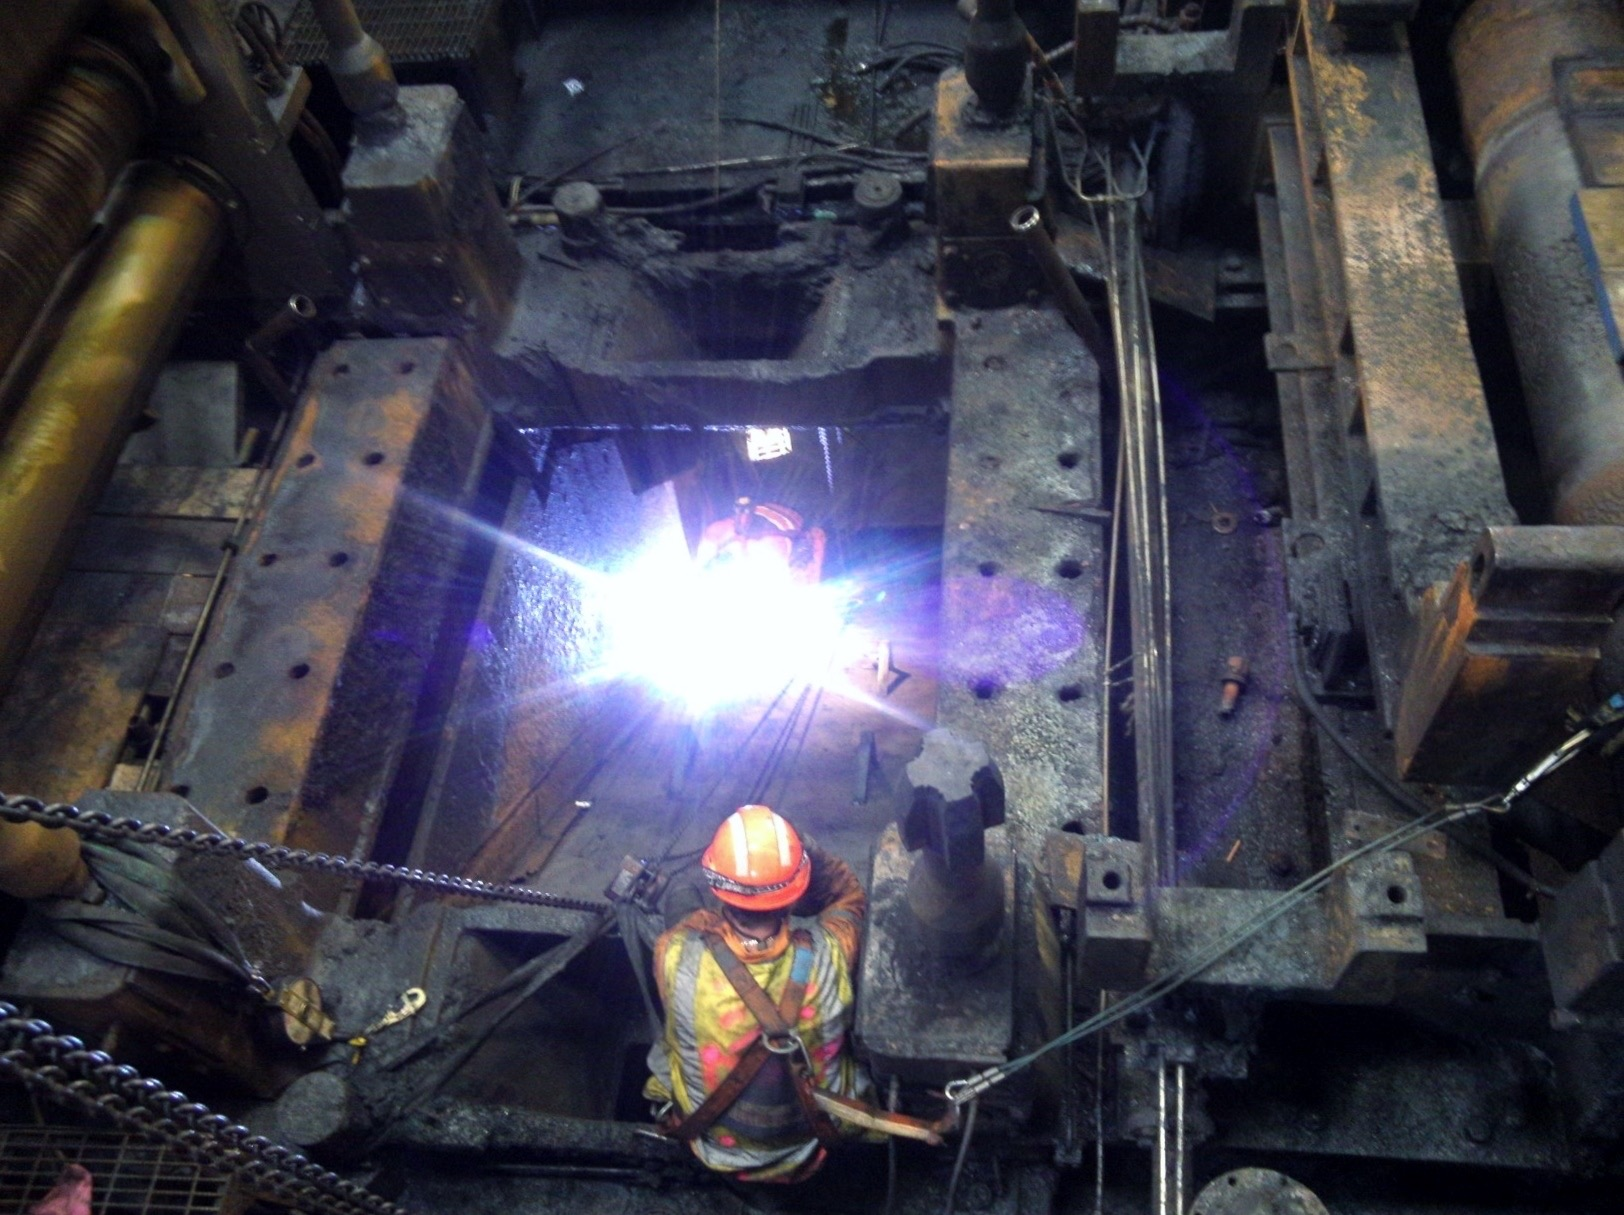 HSM Chute Repairs 12.11.14 - Stoj; Zimmo & Daniel L (3).jpg